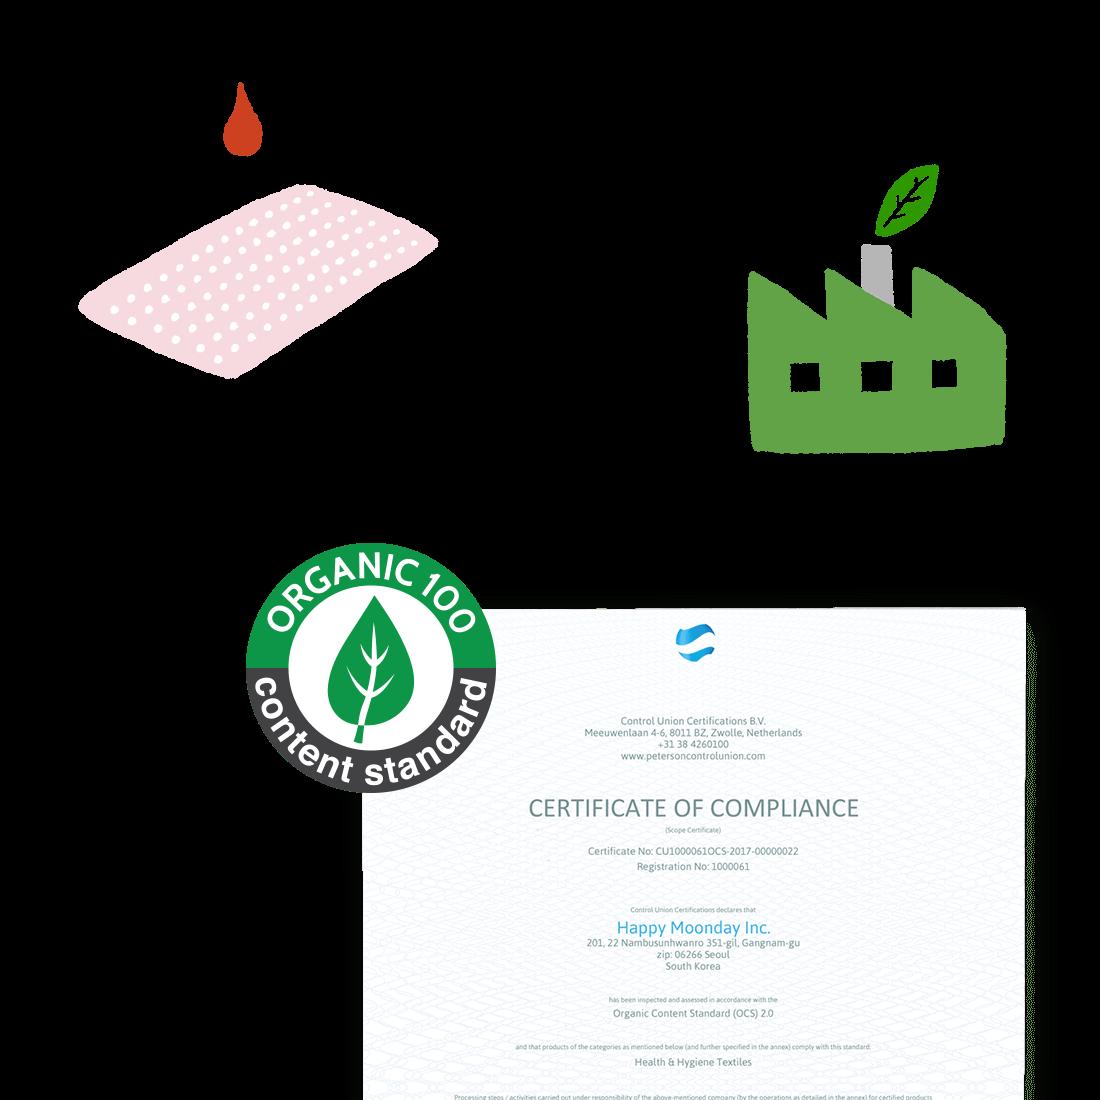 안전한 분자구조의 생리대, 믿을 수 있는 생산파트너, 유기농 인증 OCS 문서